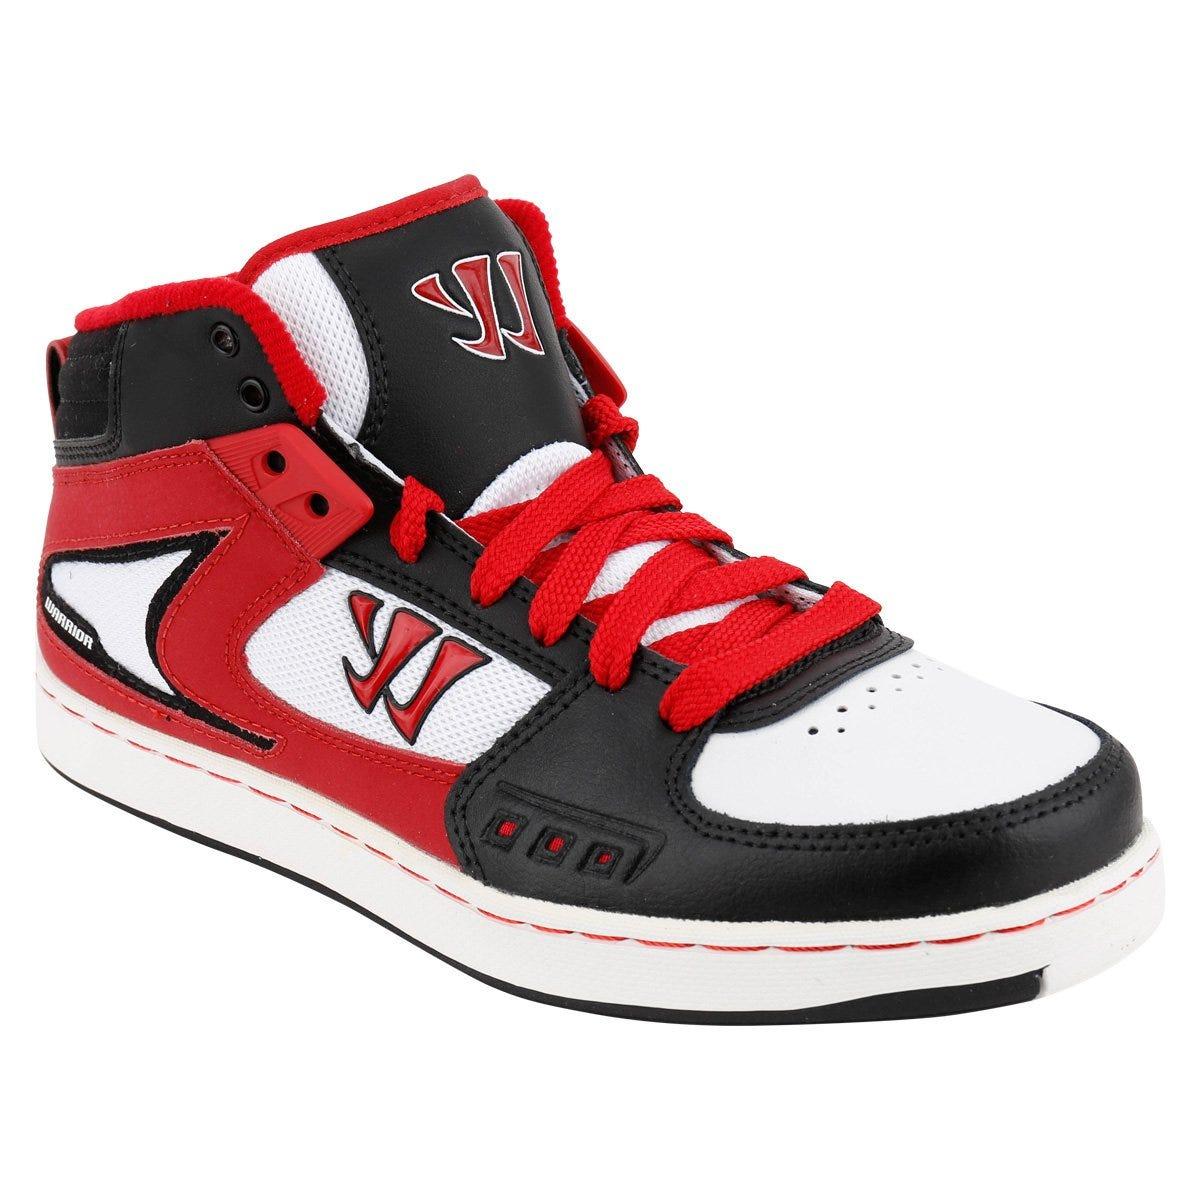 Warrior Hound Dog Youth Lifestyle Shoe - BlackRed